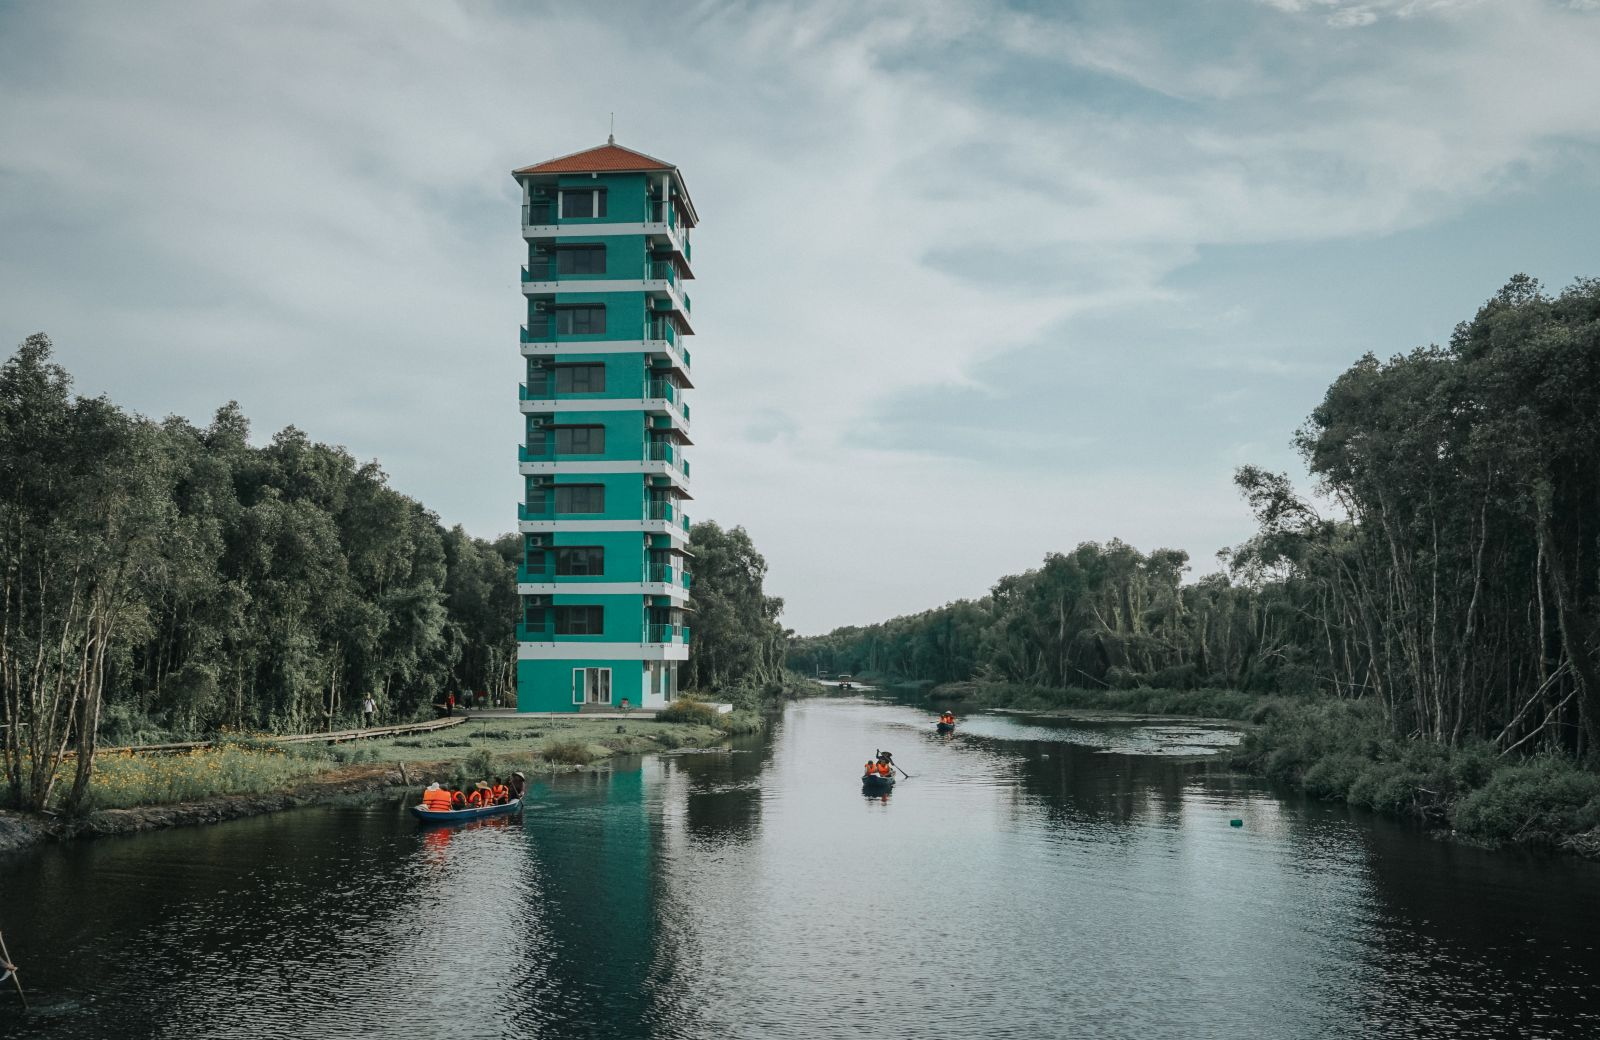 Khu du lịch sinh thái Làng nổi Tân Lập là một trong những địa điểm du lịch tại Long An thu hút du khách